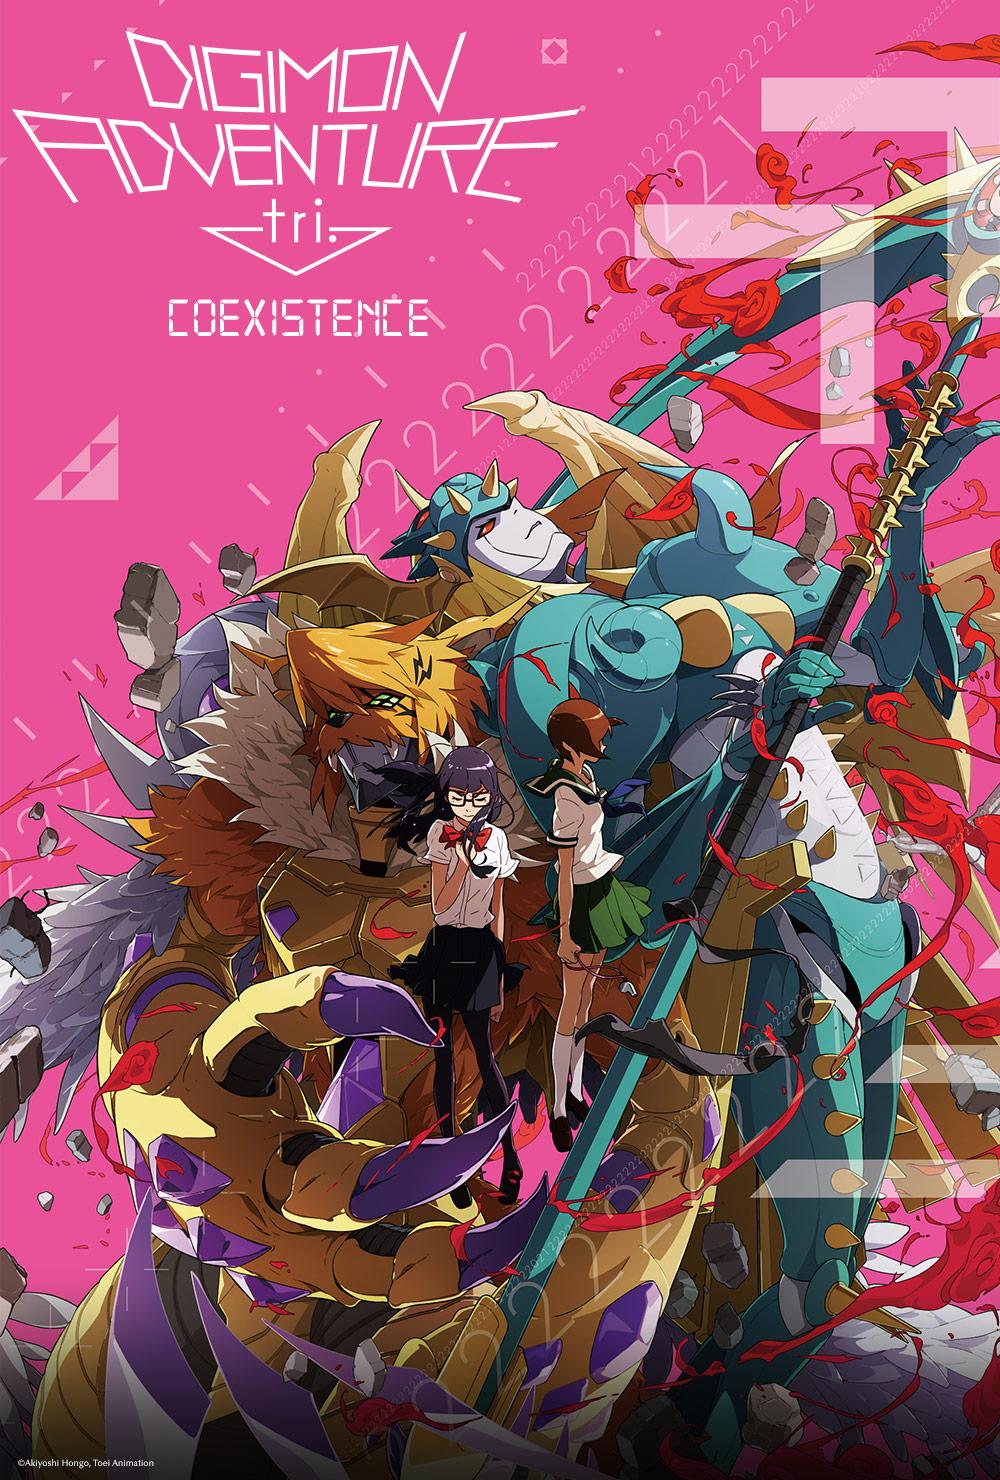 Digimon Adventure tri coexistence Fathom Events release